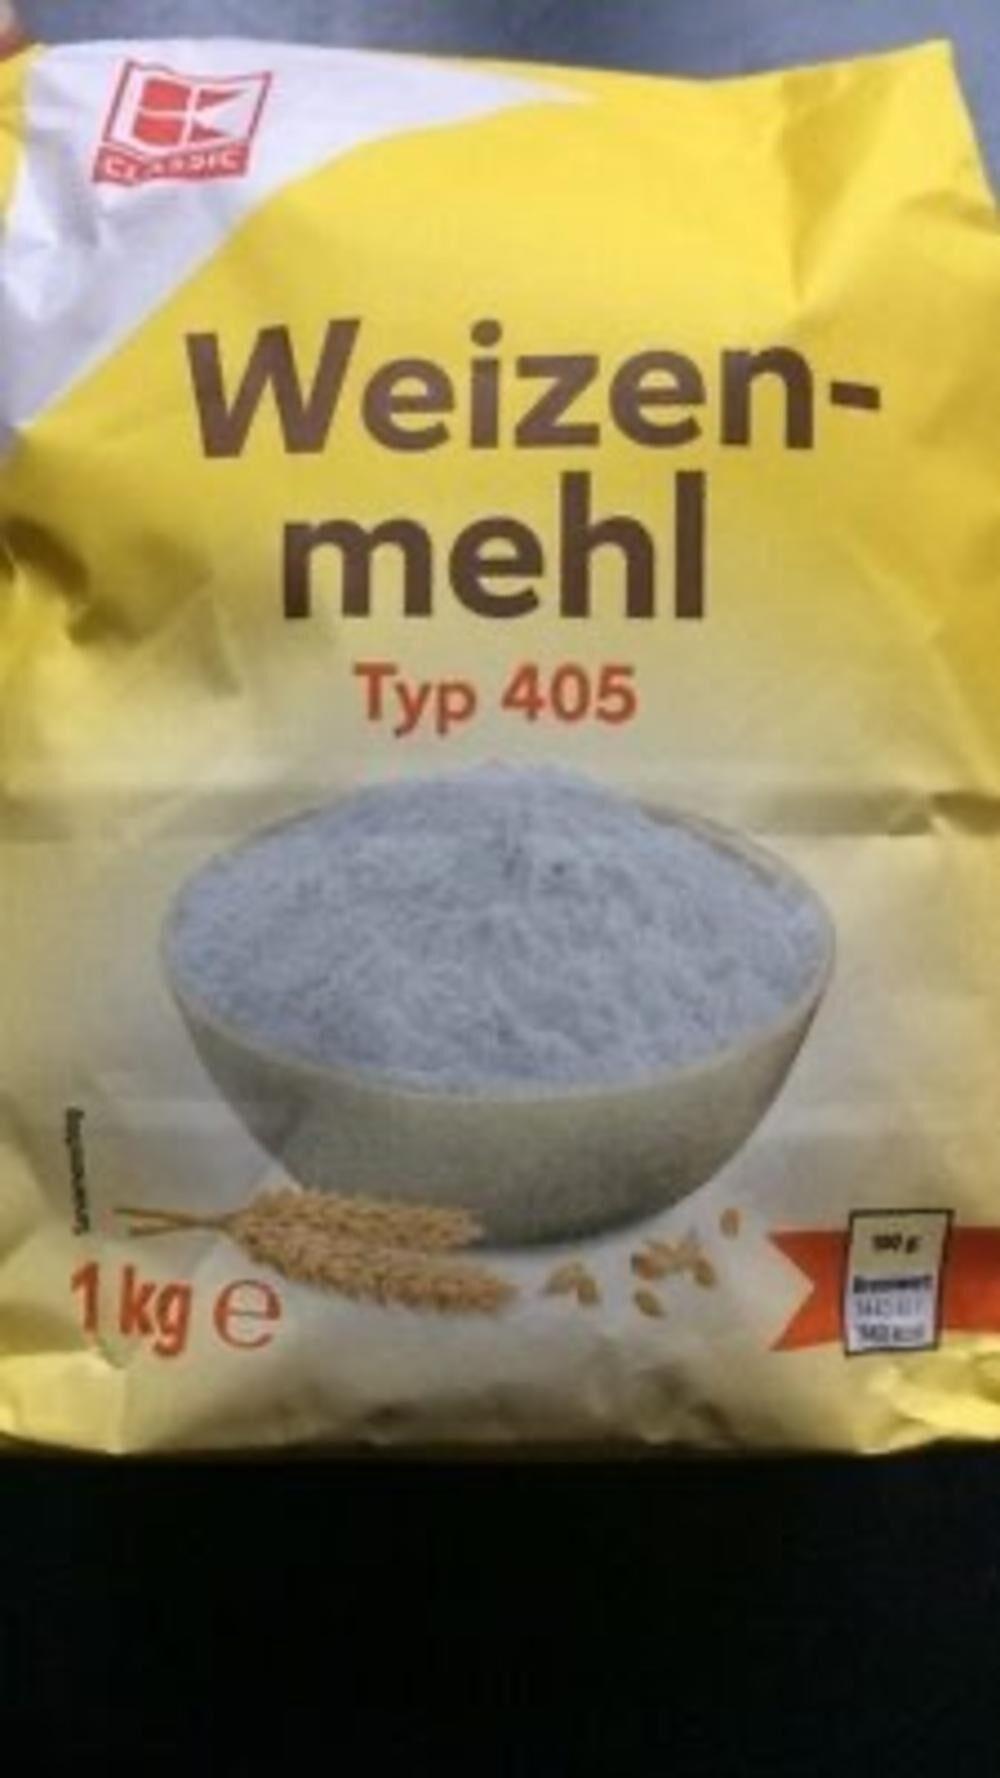 Weizenmehl Typ 405 - Produkt - de